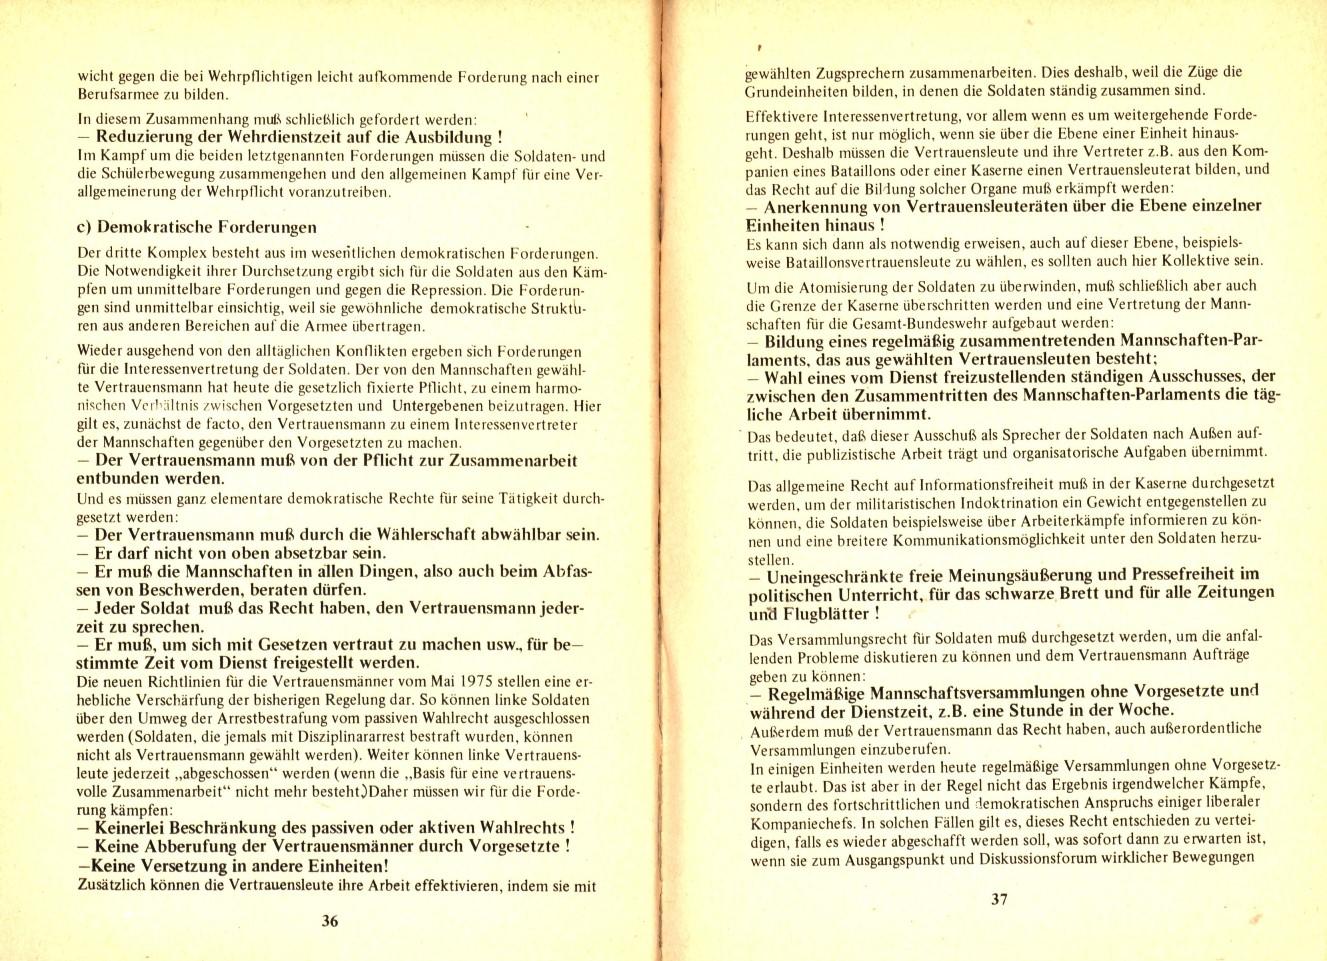 GIM_1976_Militaerpolitisches_Programm_20